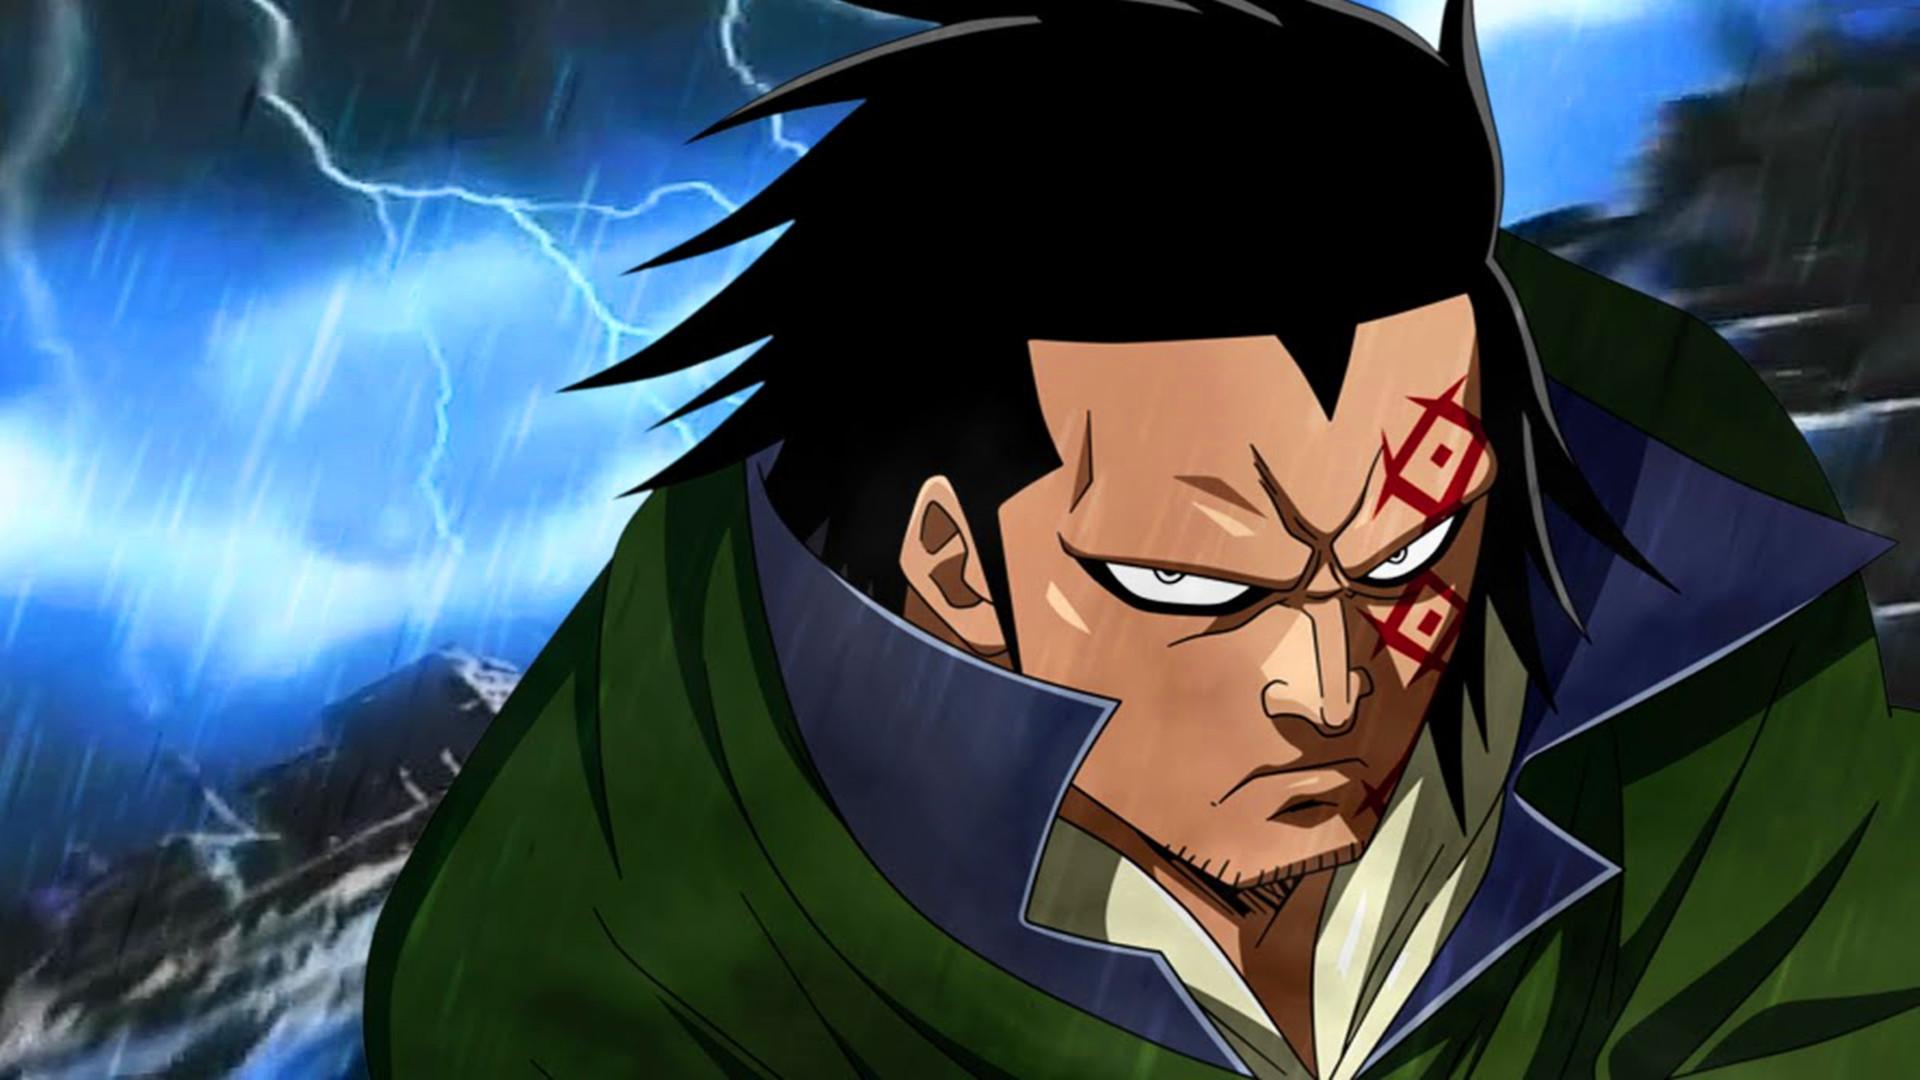 海贼王:龙的力量有多强 超越四皇、大将的巅峰强者